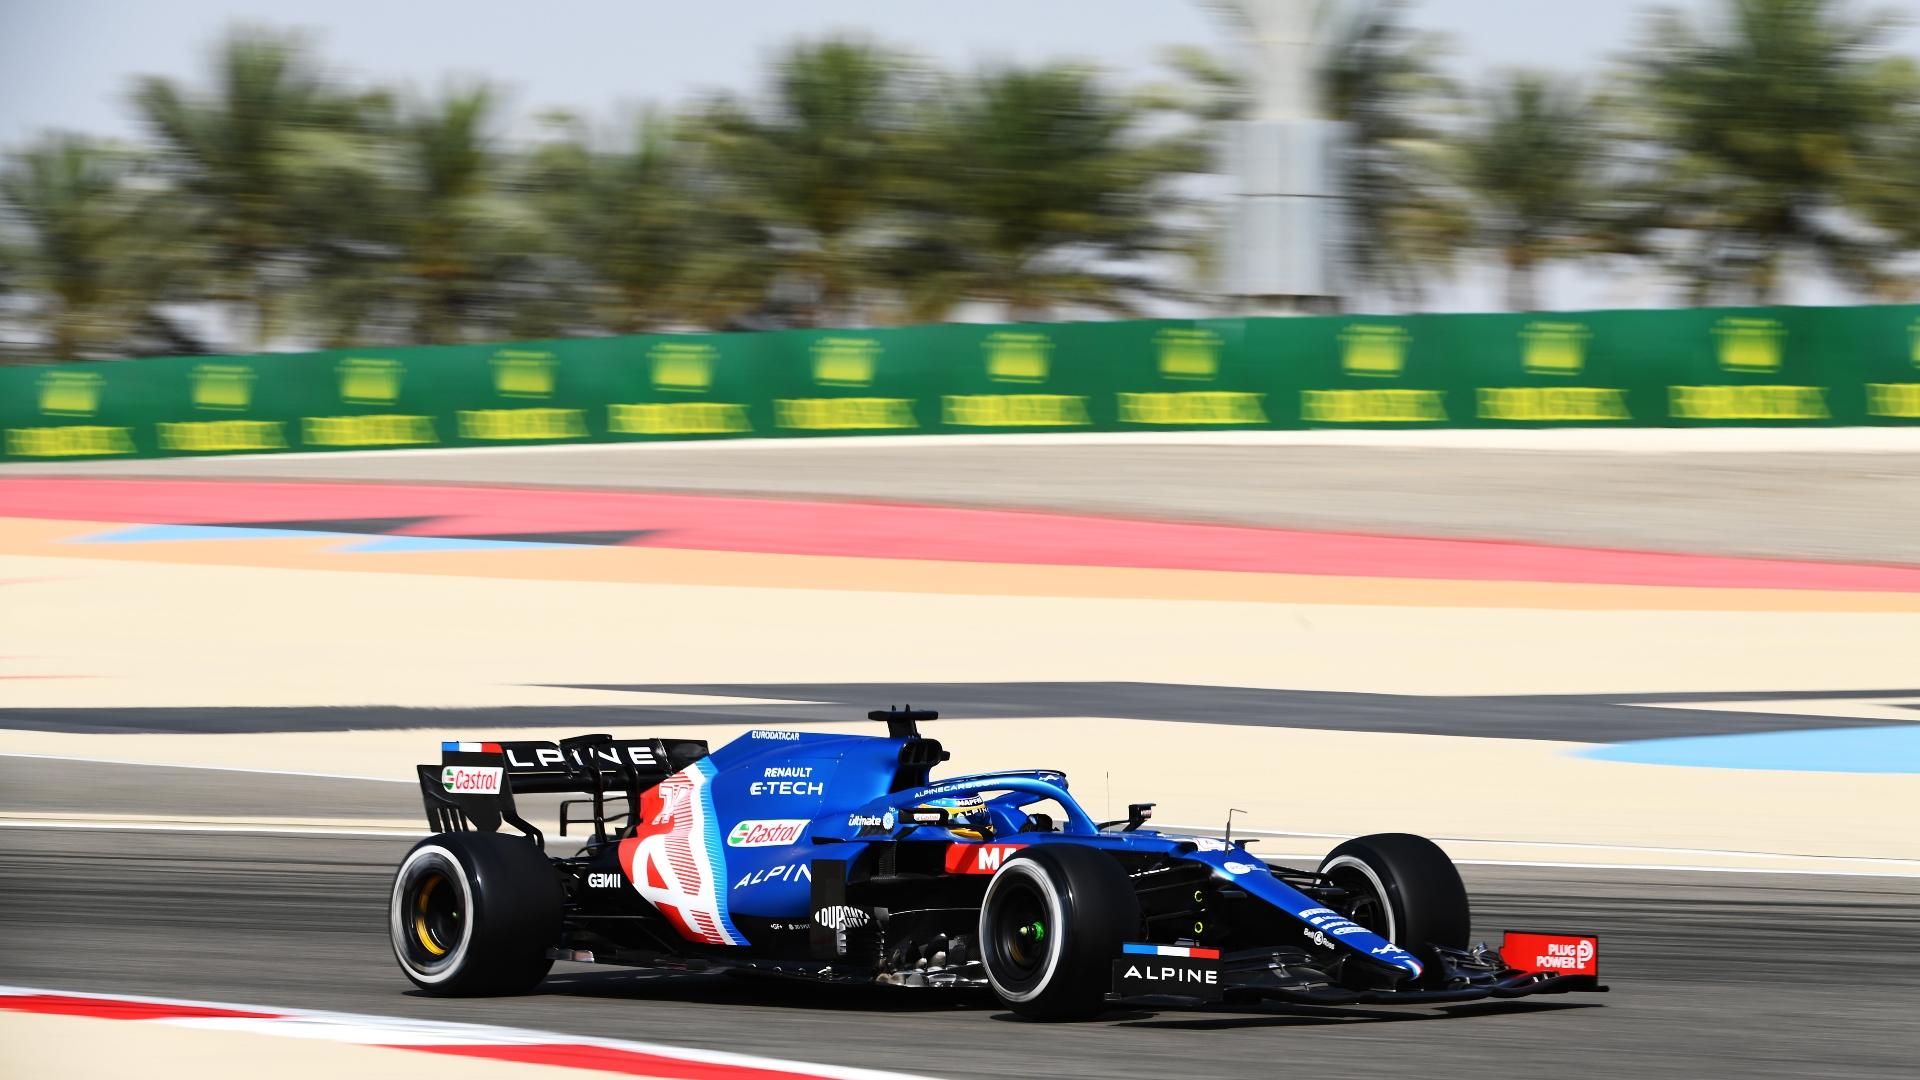 Fernando Alonso pilota o A521, carro da Alpine da temporada 2021 da Fórmula 1